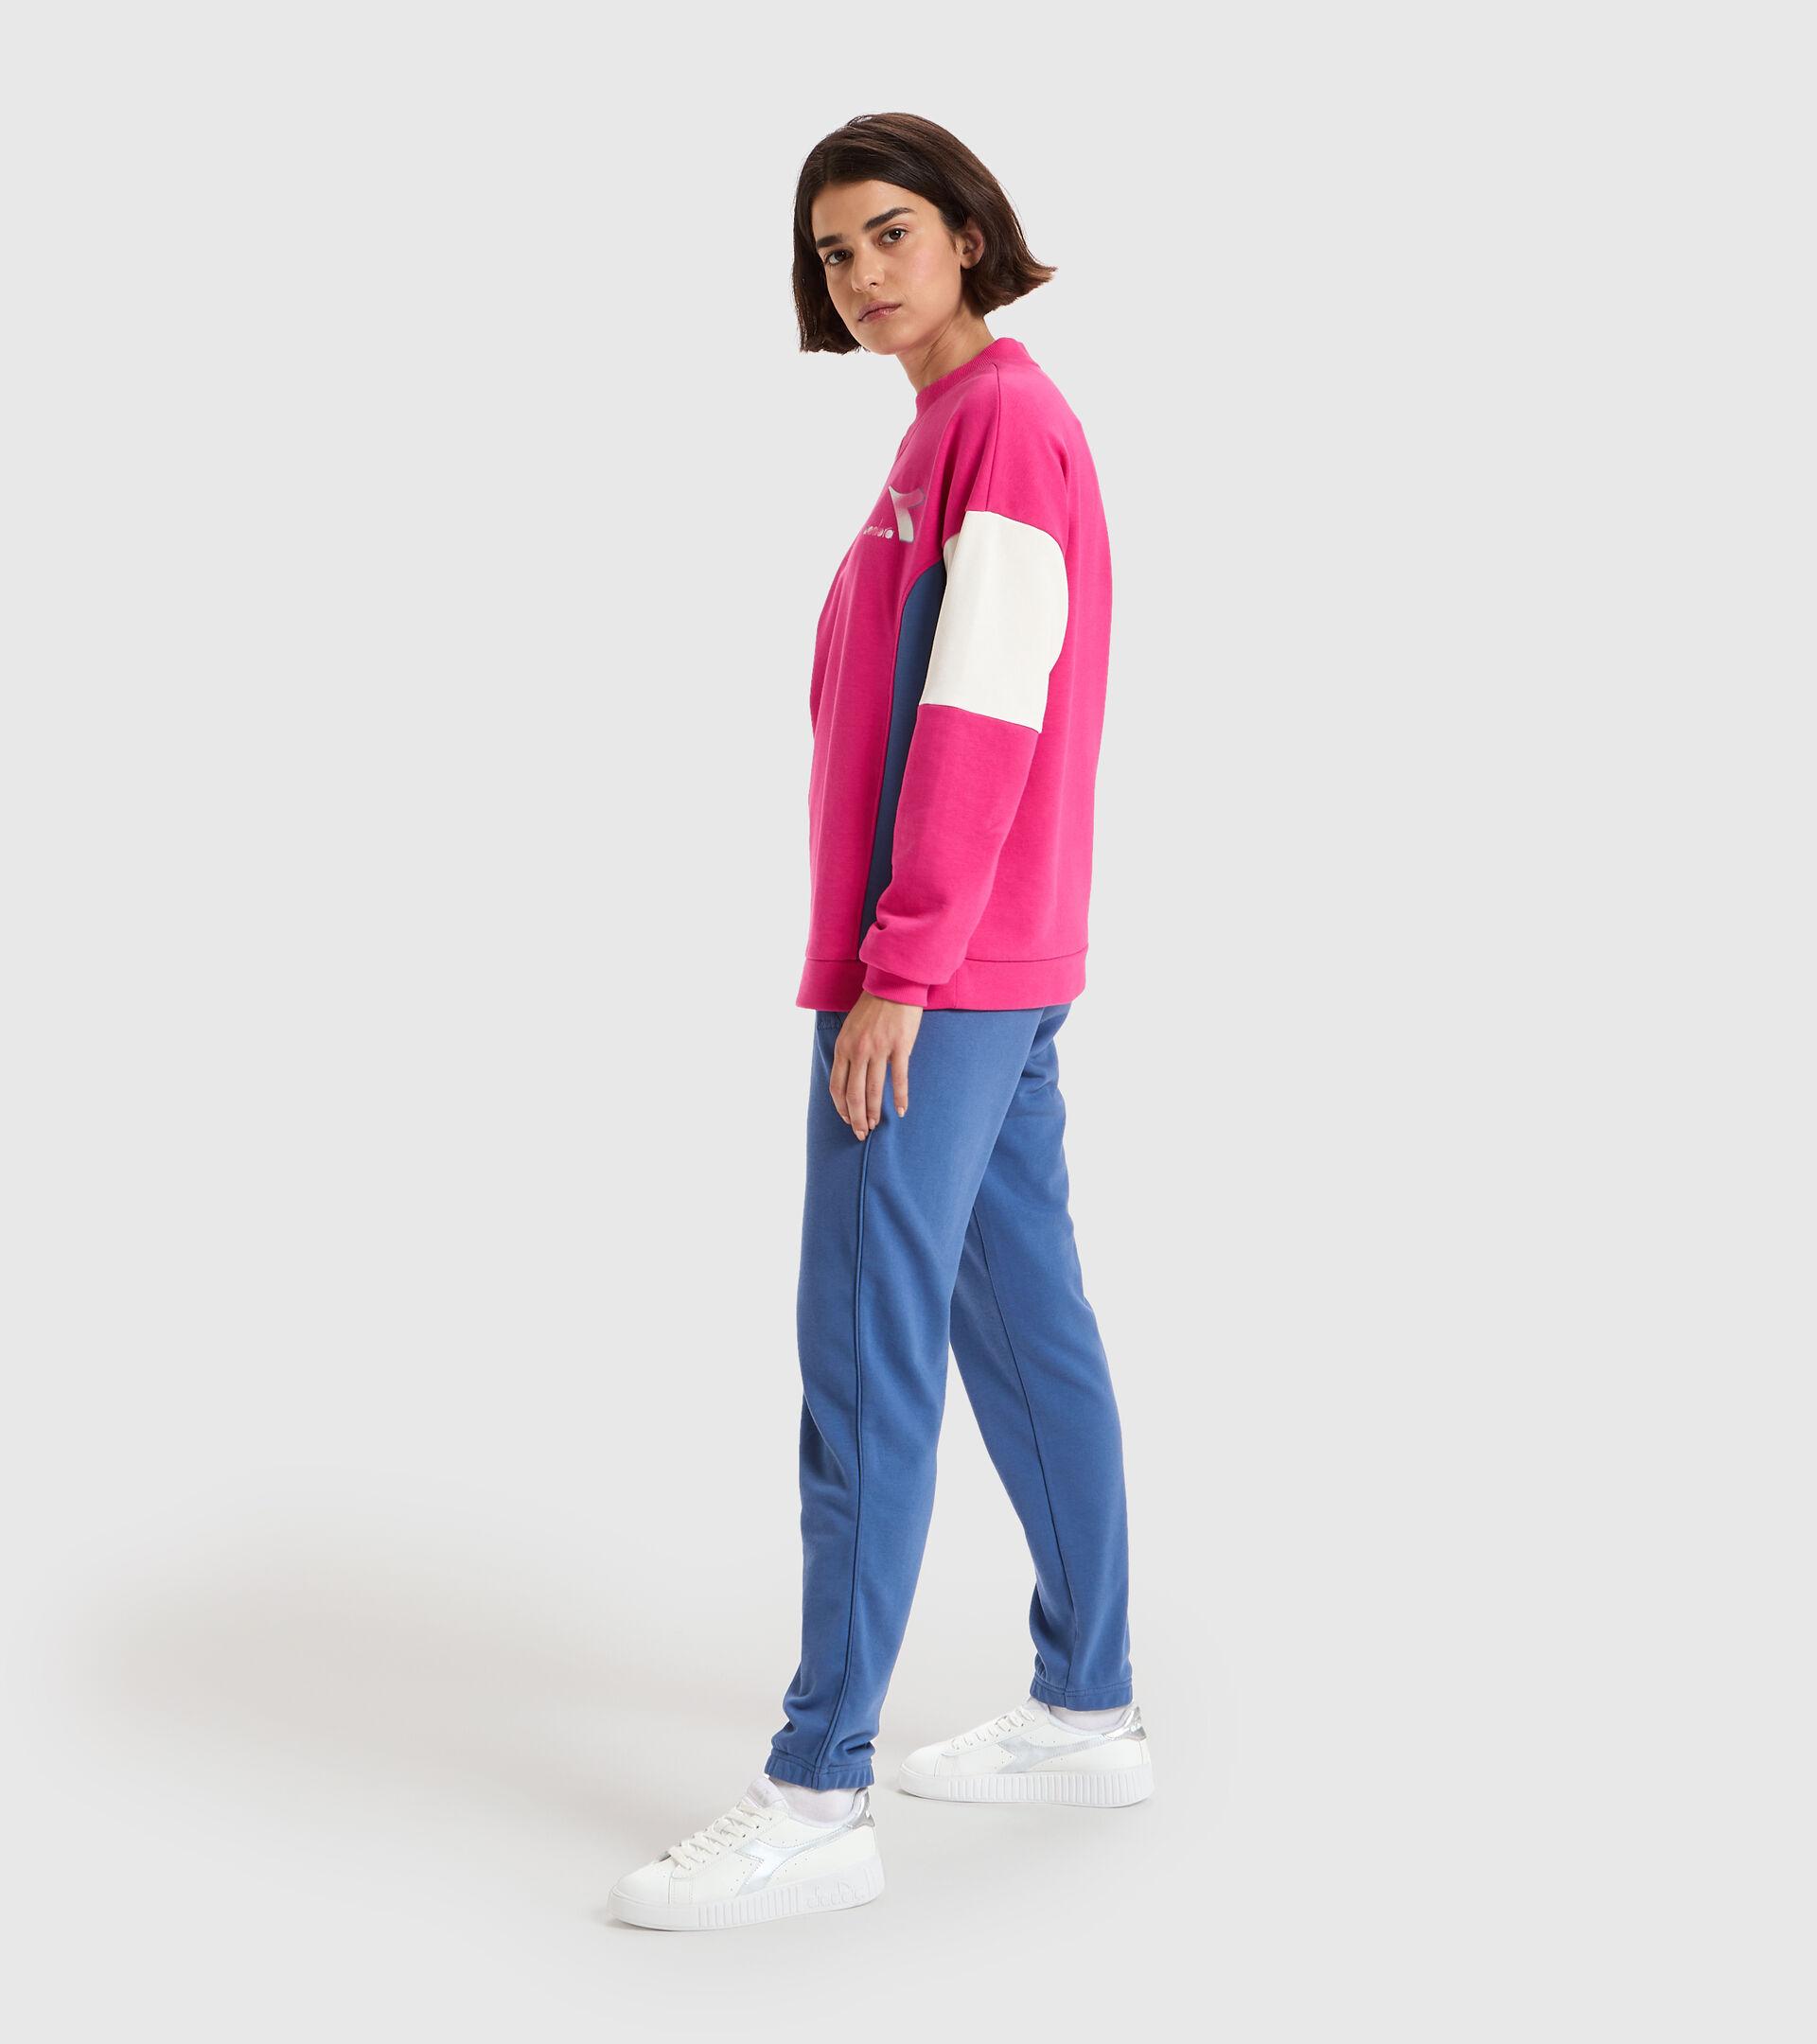 Sweater mit Rundhalsausschnitt - Damen L.SWEATSHIRT CREW LUSH MAGENTAROT - Diadora